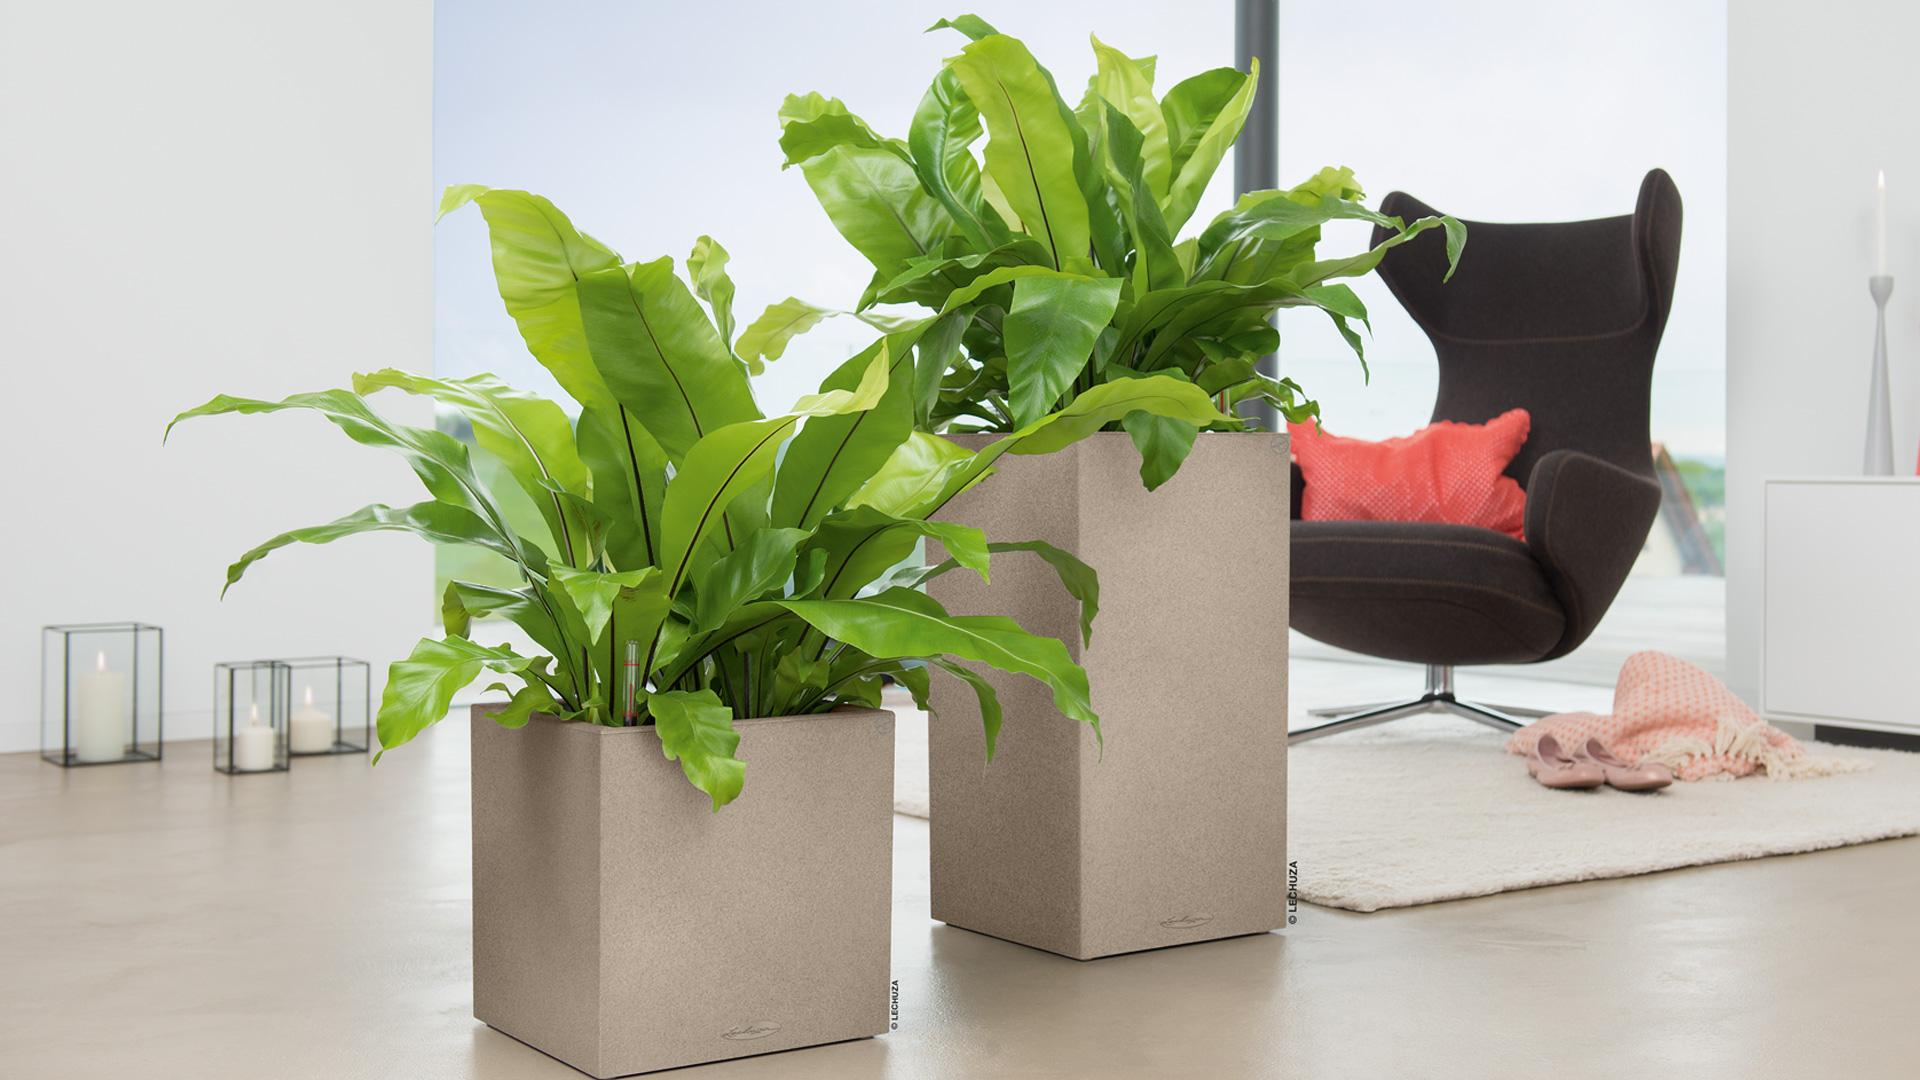 Krukker og grønne planter engros - Growdesign.dk